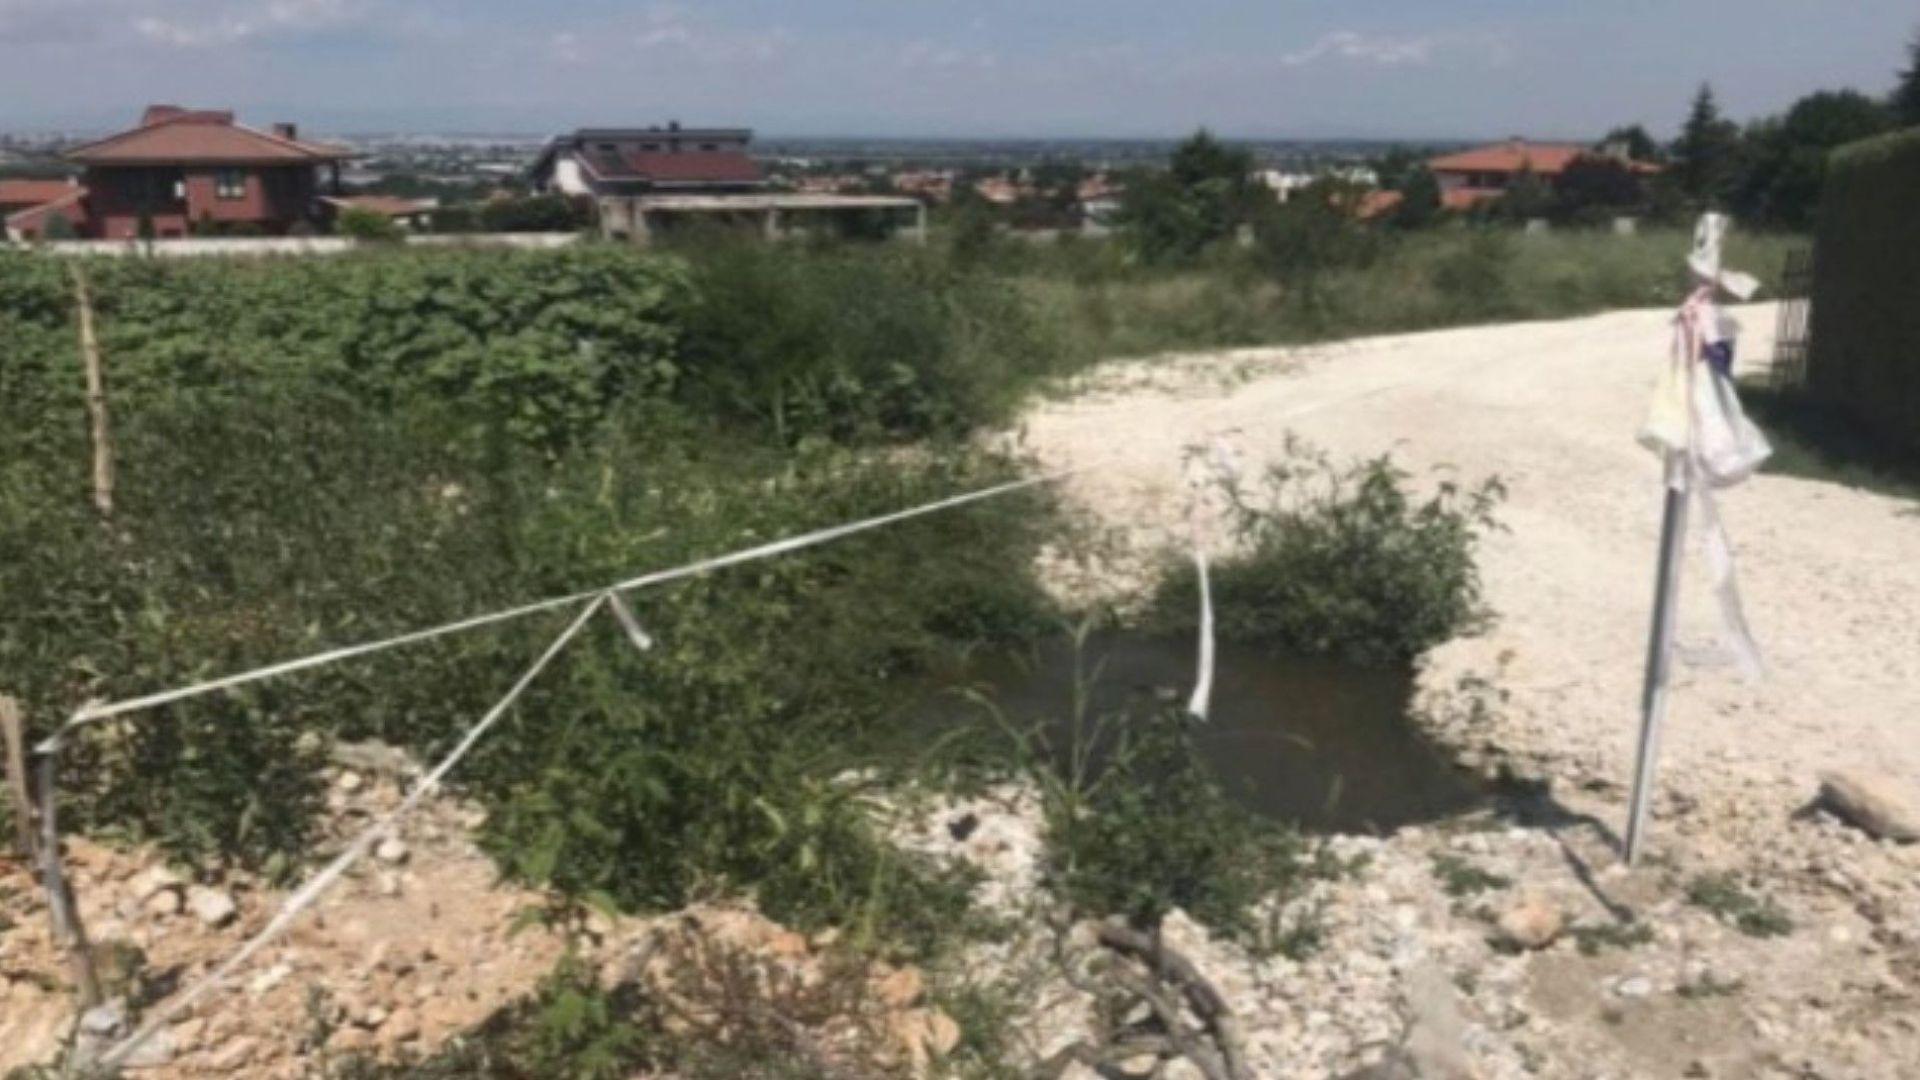 Заразни болести заради теч на фекални води от проблемен канал заплашват пловдивско село